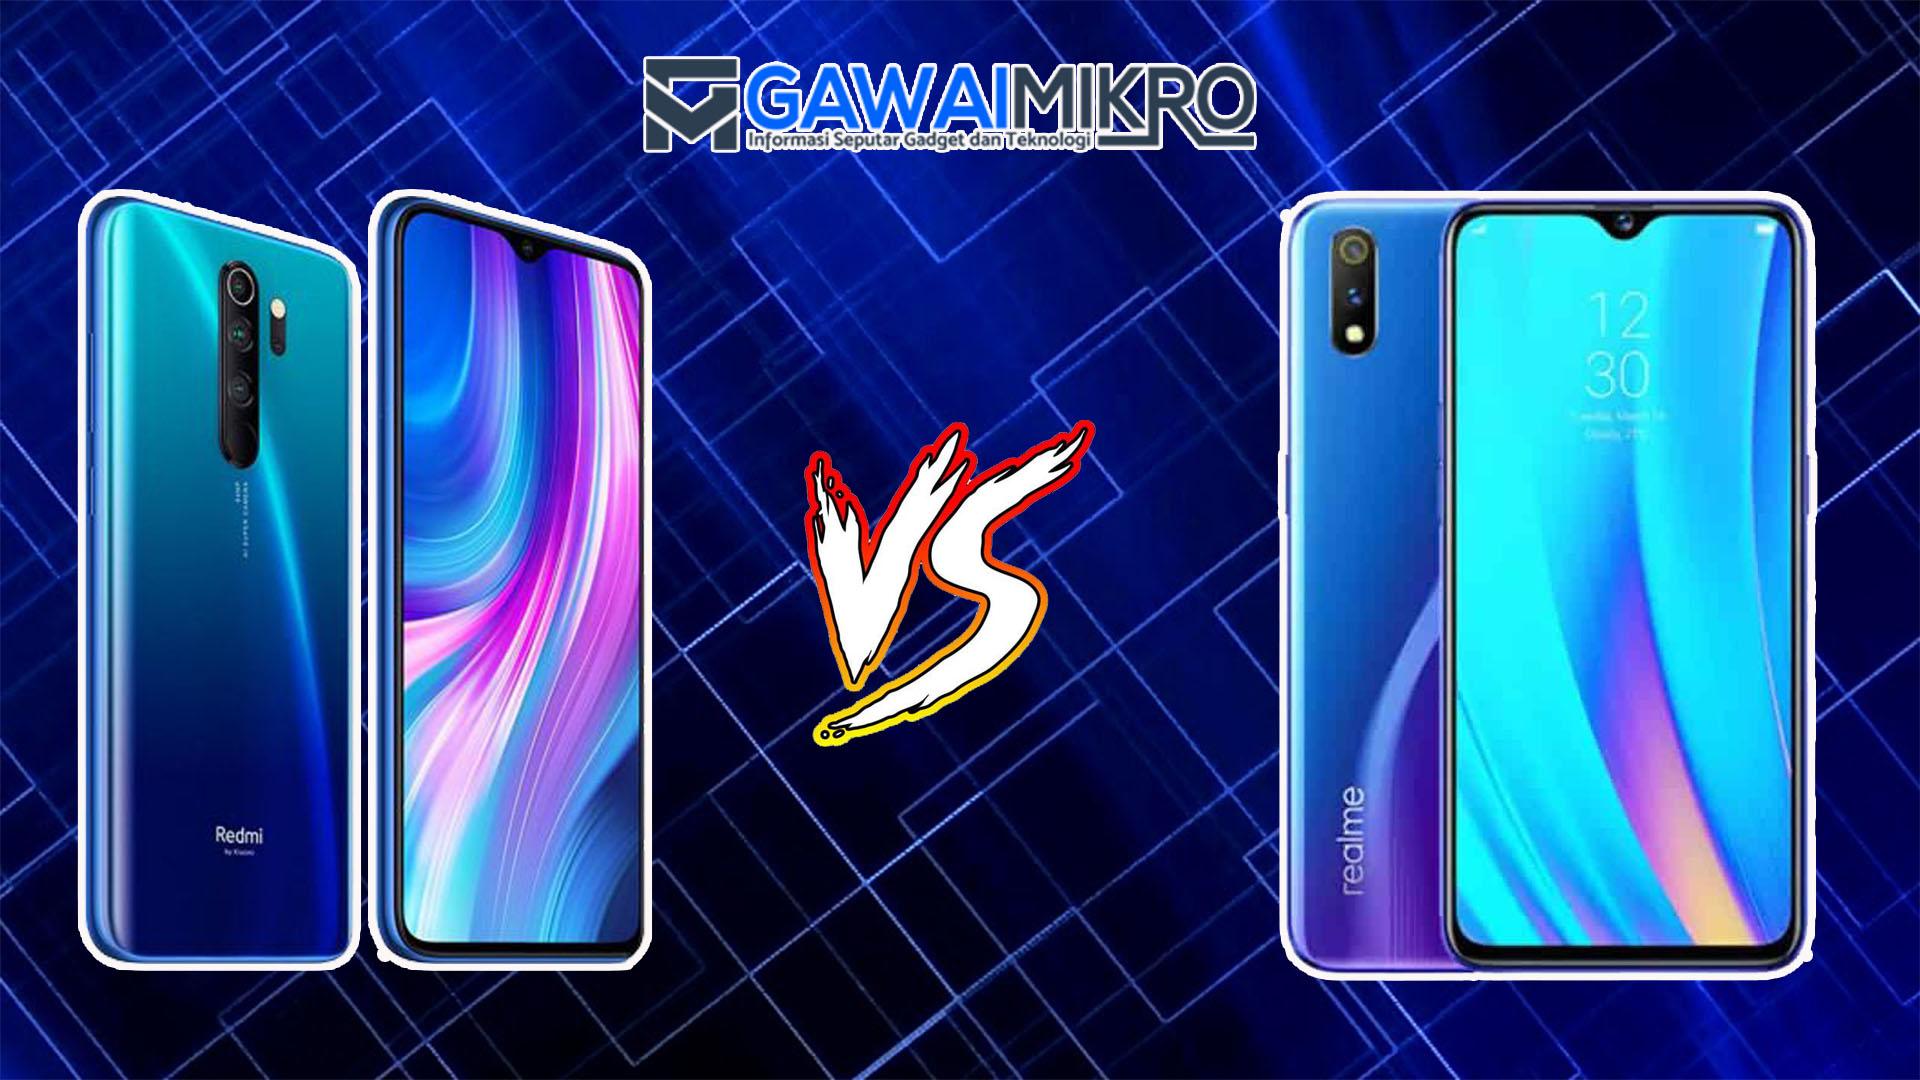 Redmi Note 8 vs Realme 3 Pro